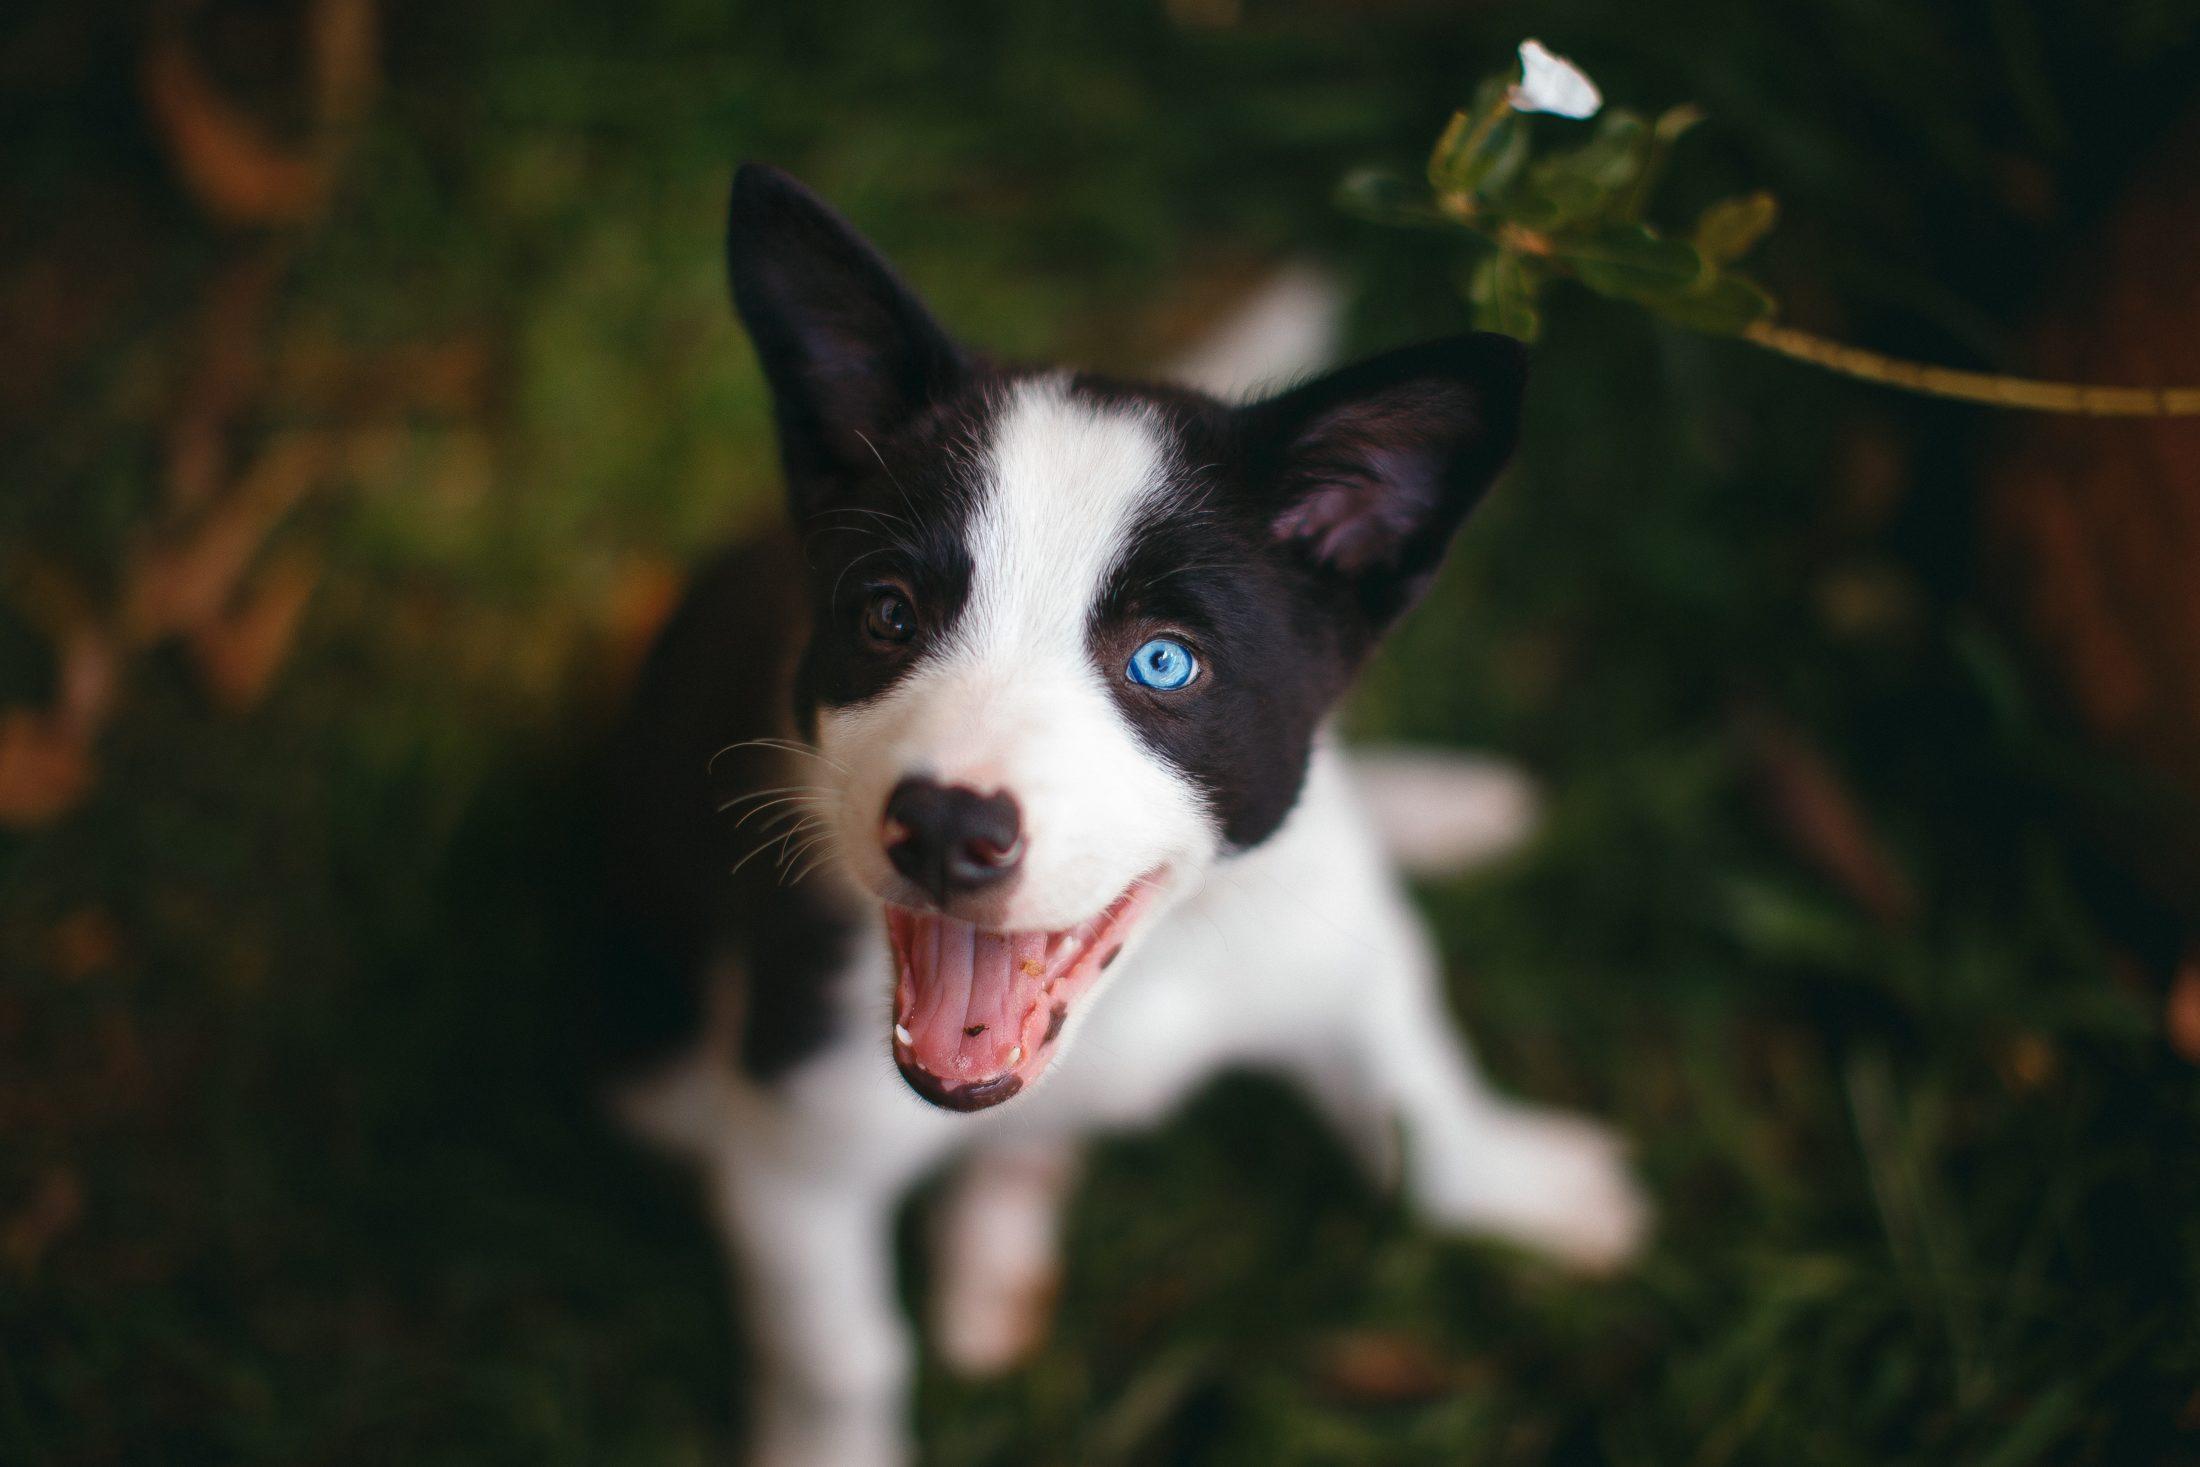 filhote de cachorro branco e preto de olhos claros